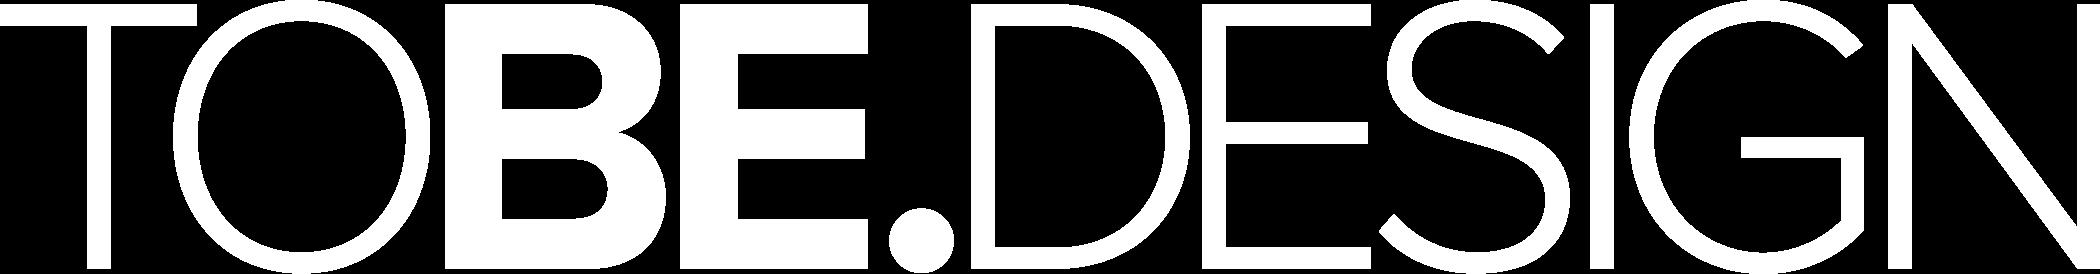 tobe.design - grafica e web design